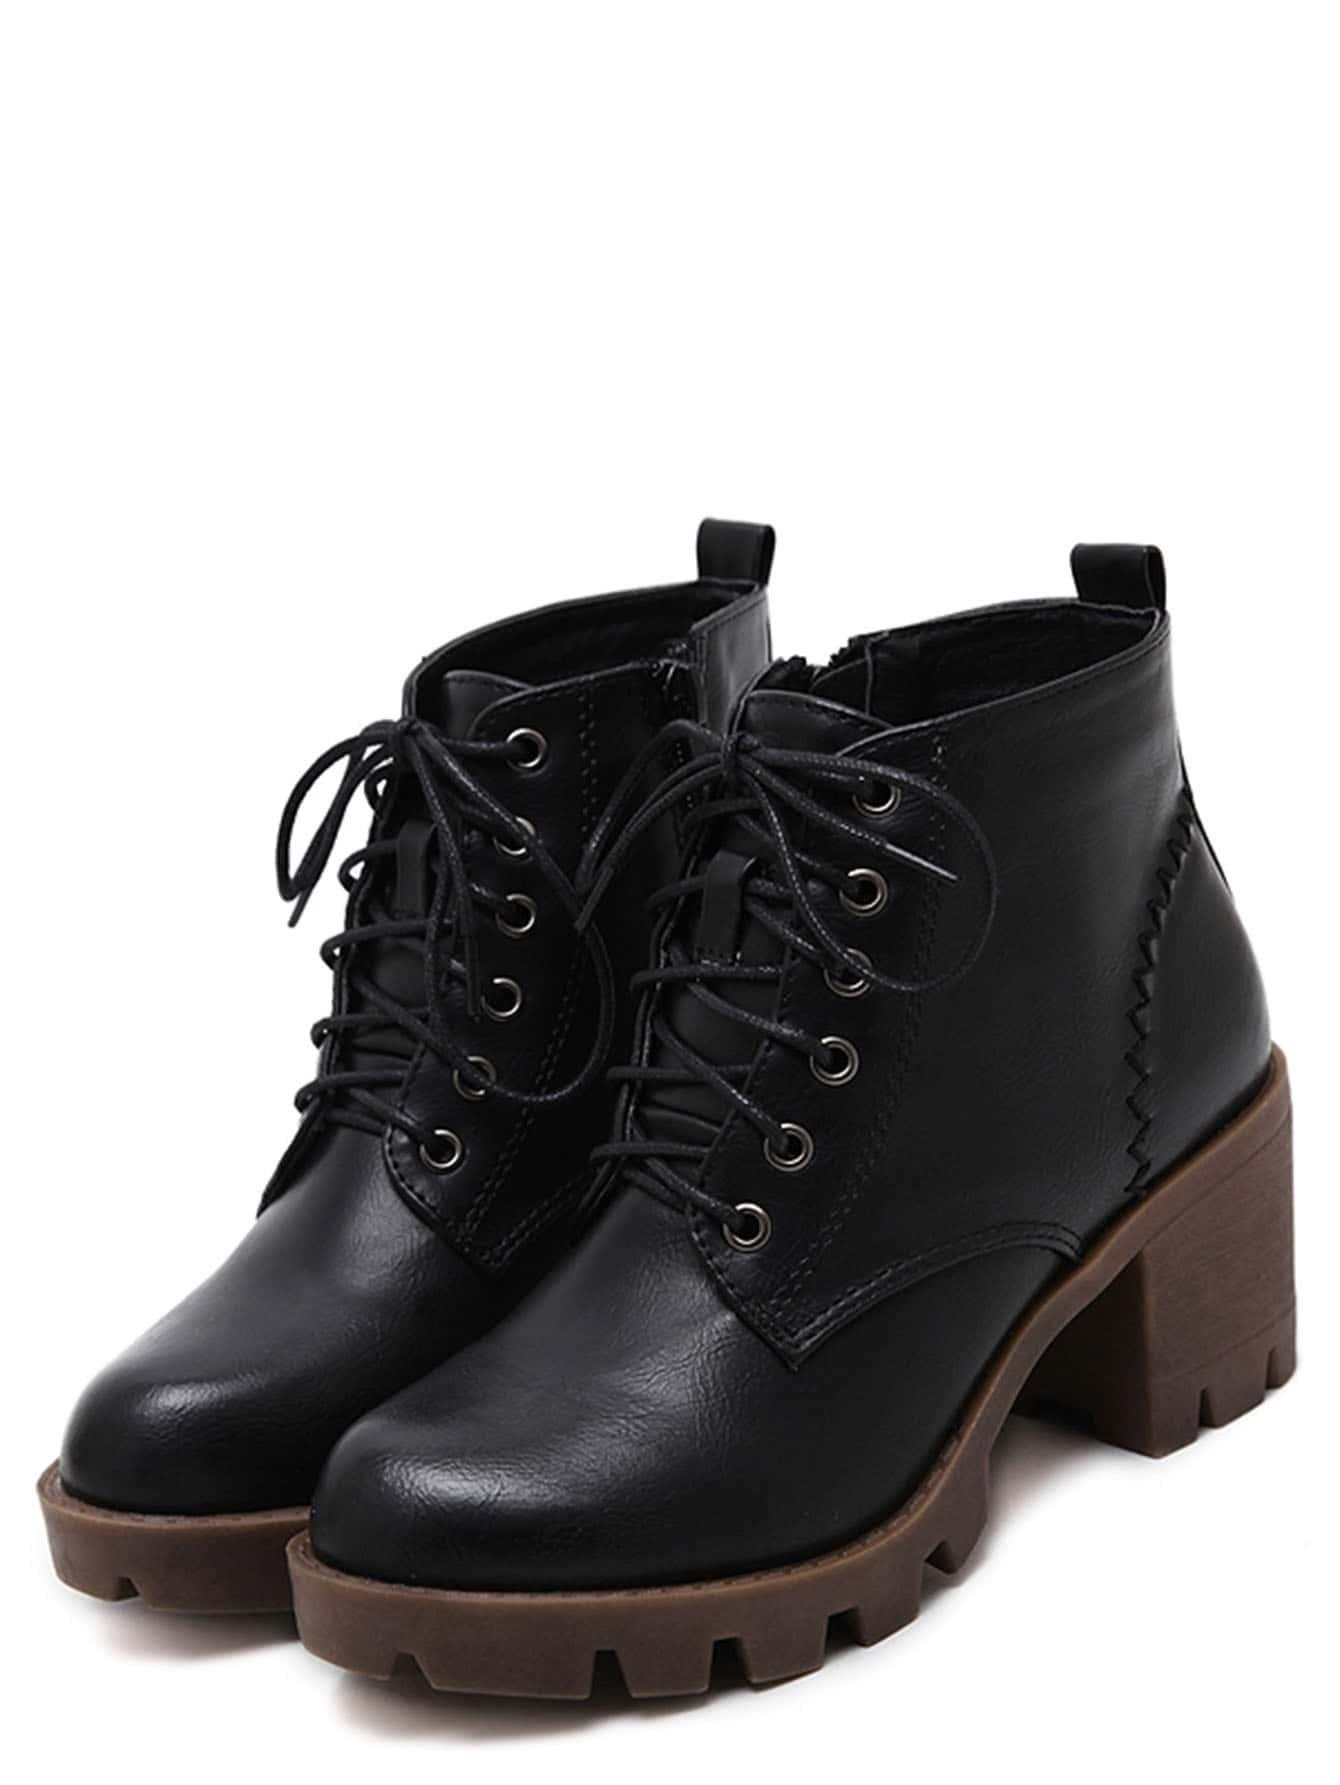 shoes160926801_2